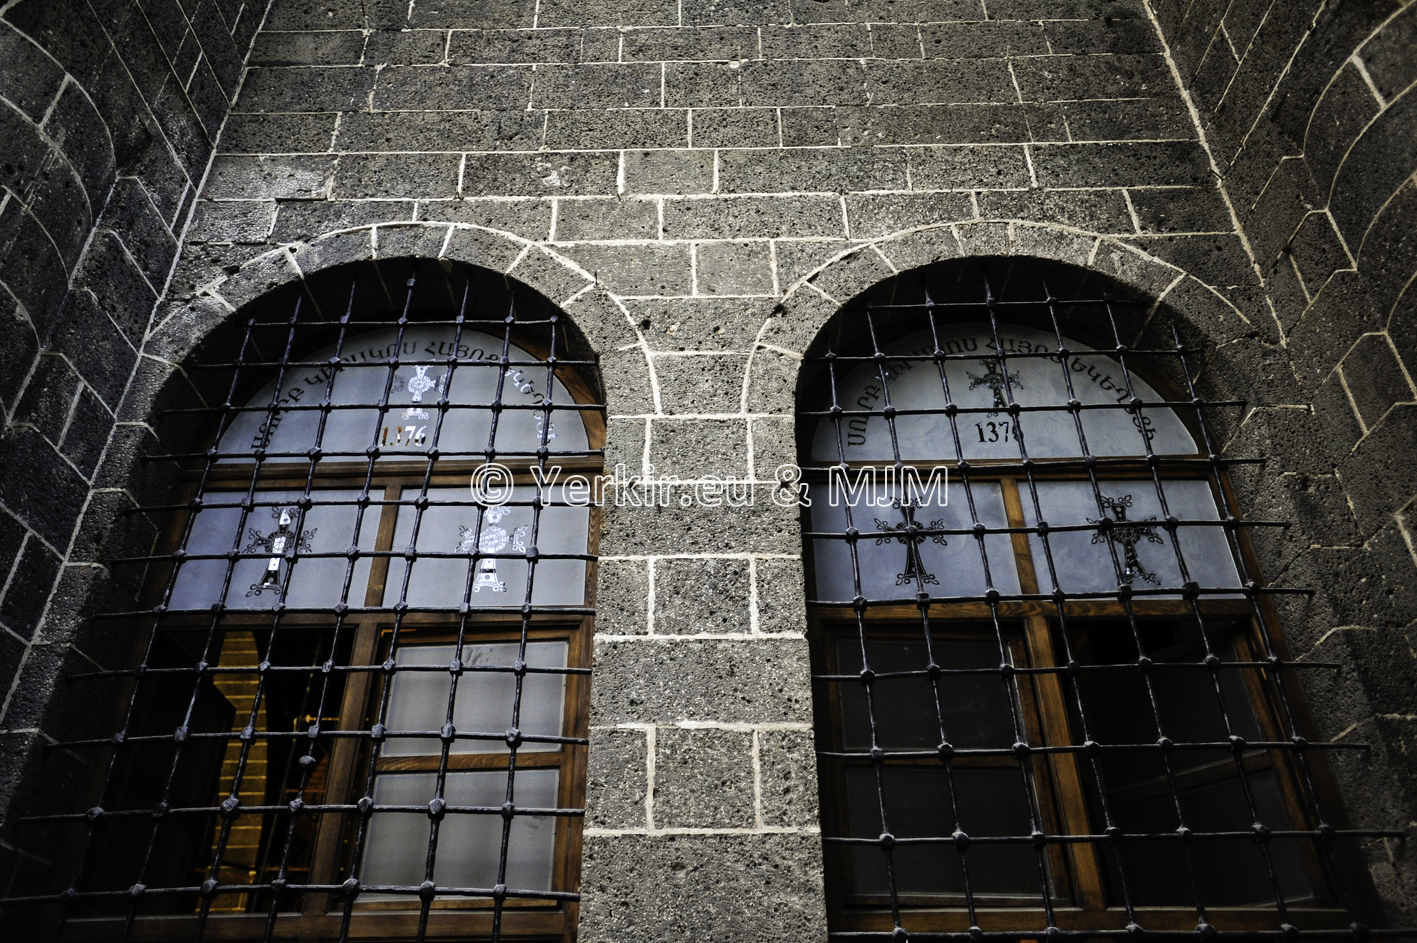 Eglise Arménienne Sourp Guiragos de Diyarbakir